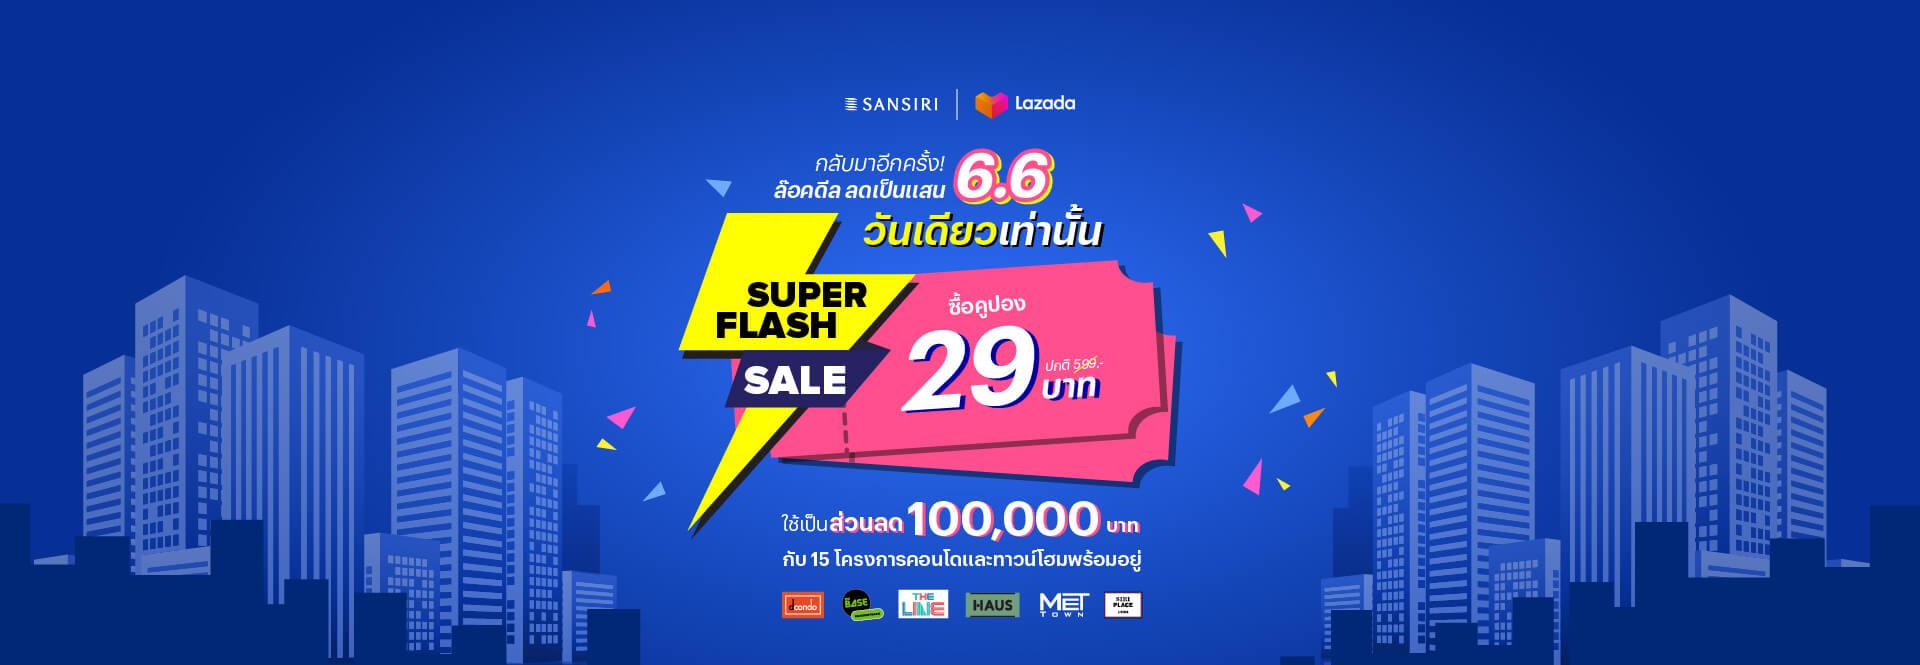 sansiri-super-flash-sale-lazada-online-booking-6.6